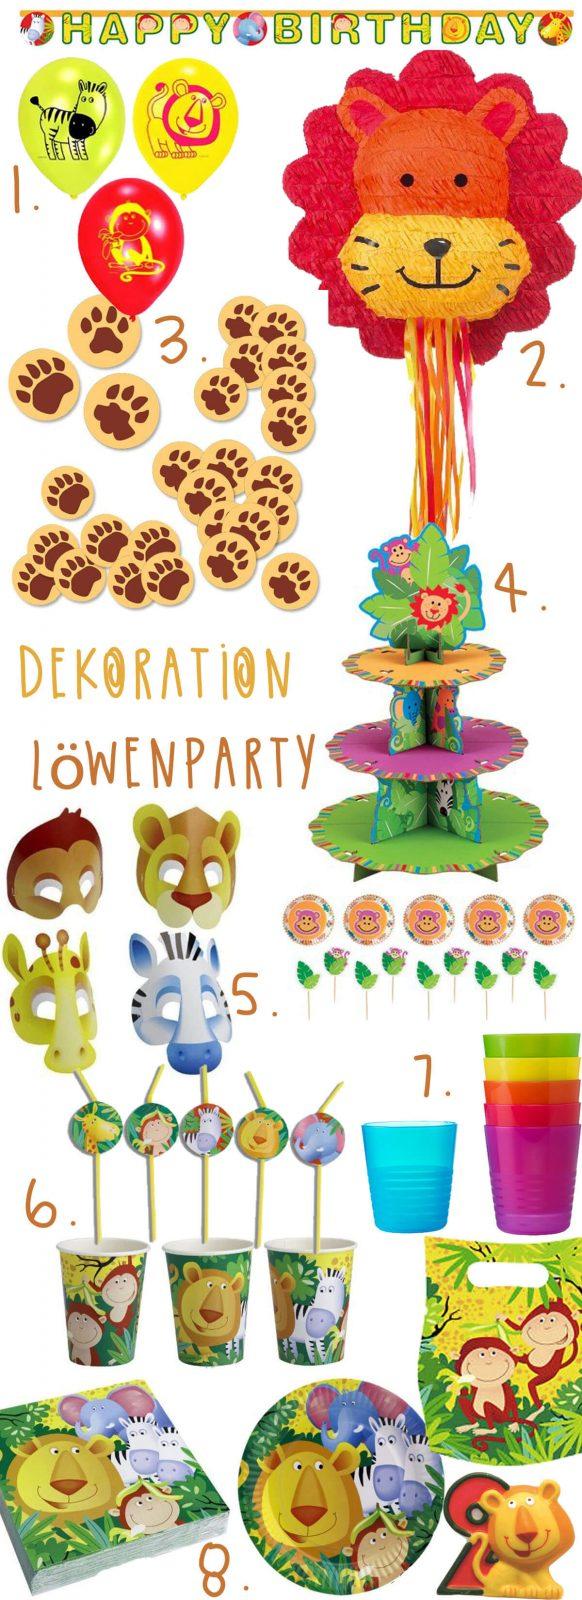 Pinterest Geburtstagsparty Planung: Friedrichs Loewenparty Dekoration